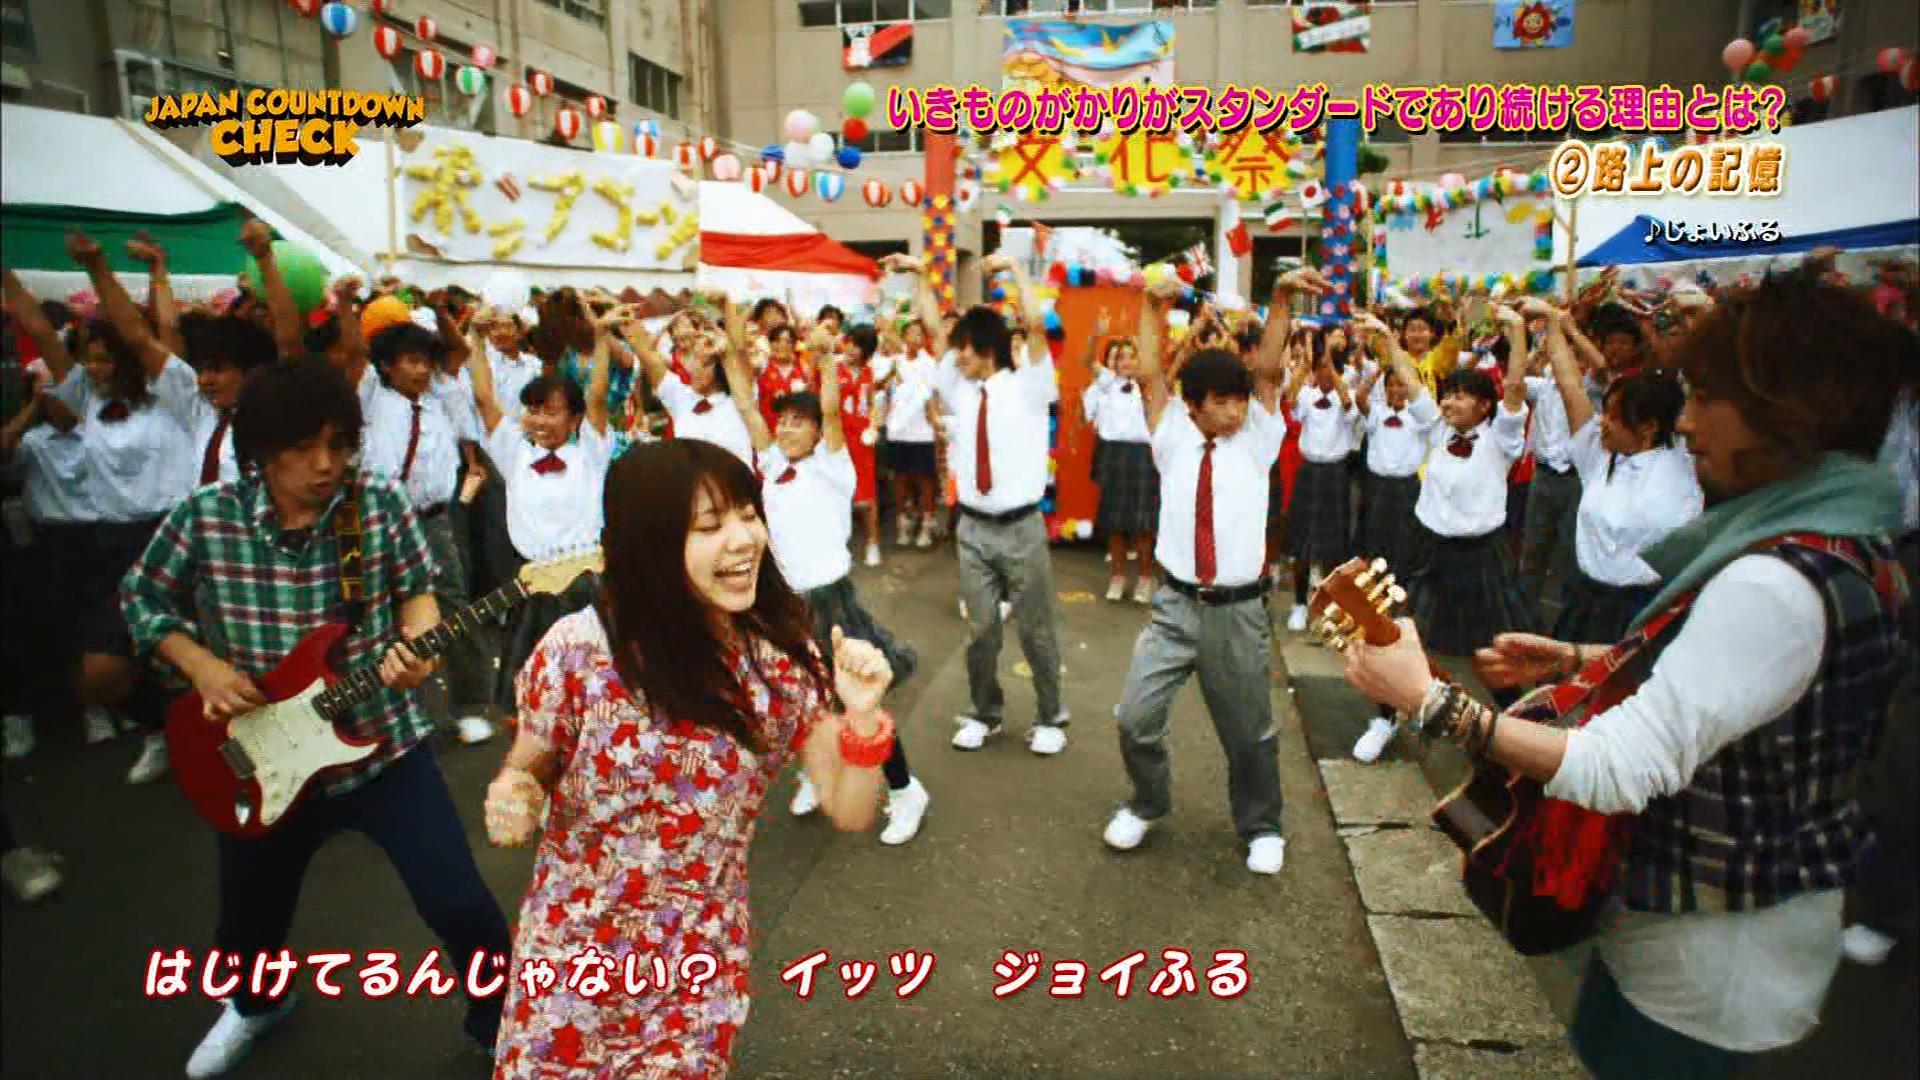 2016.03.20 いきものがかり - 10年たっても私たちはいきものがかりが大好き!日本のスタンダードであり続ける理由(JAPAN COUNTDOWN).ts_20160320_104040.525